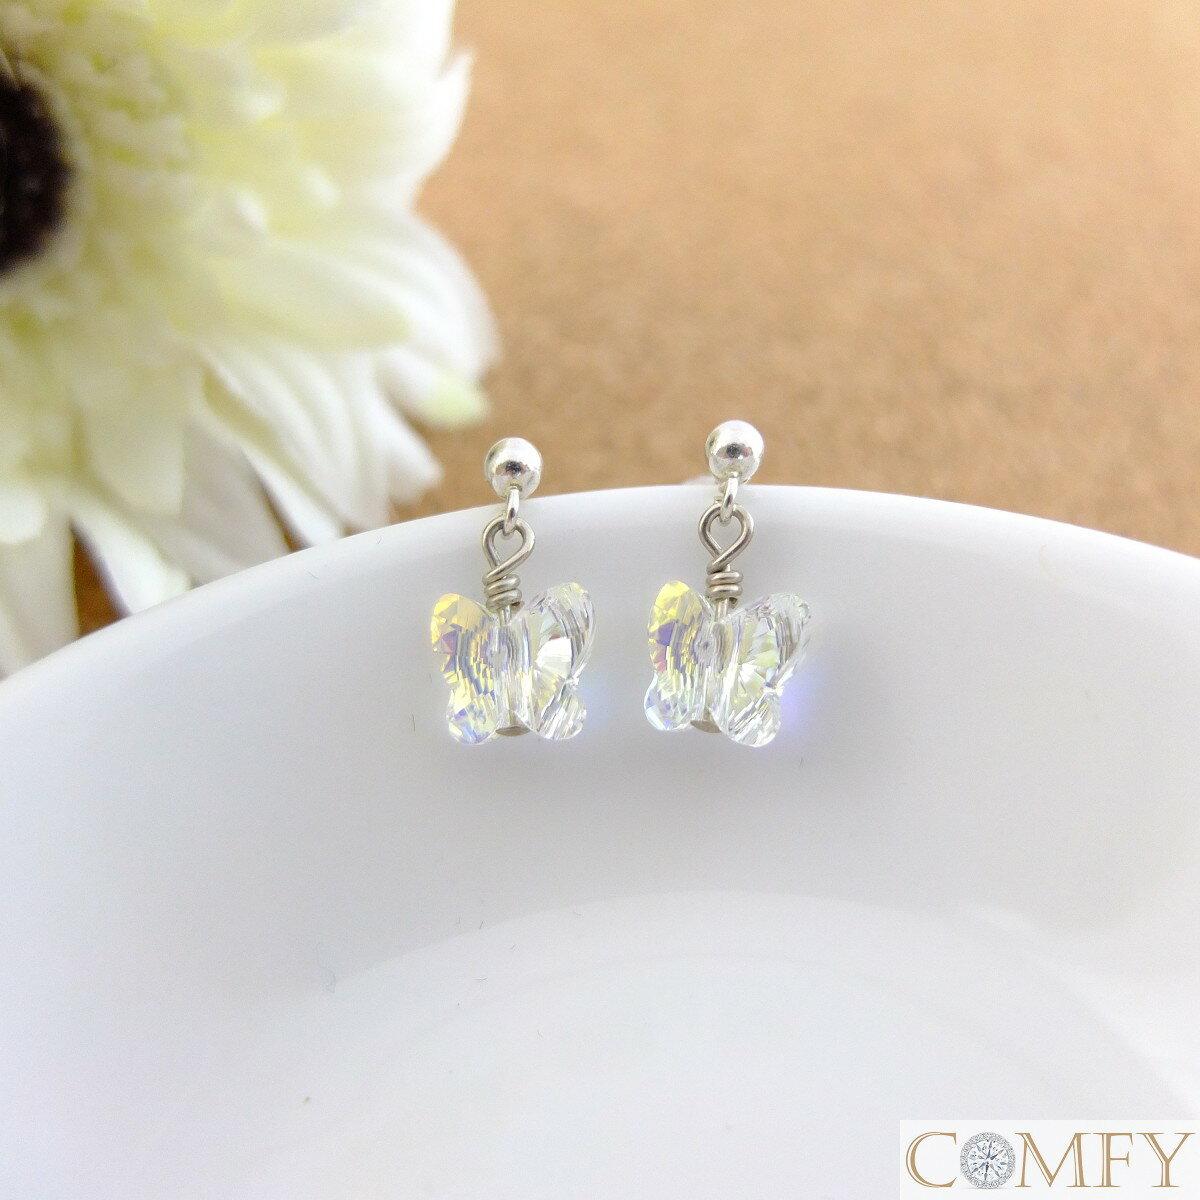 【Comfy禾米】~小蝴蝶*鋯石~ 925純銀耳環